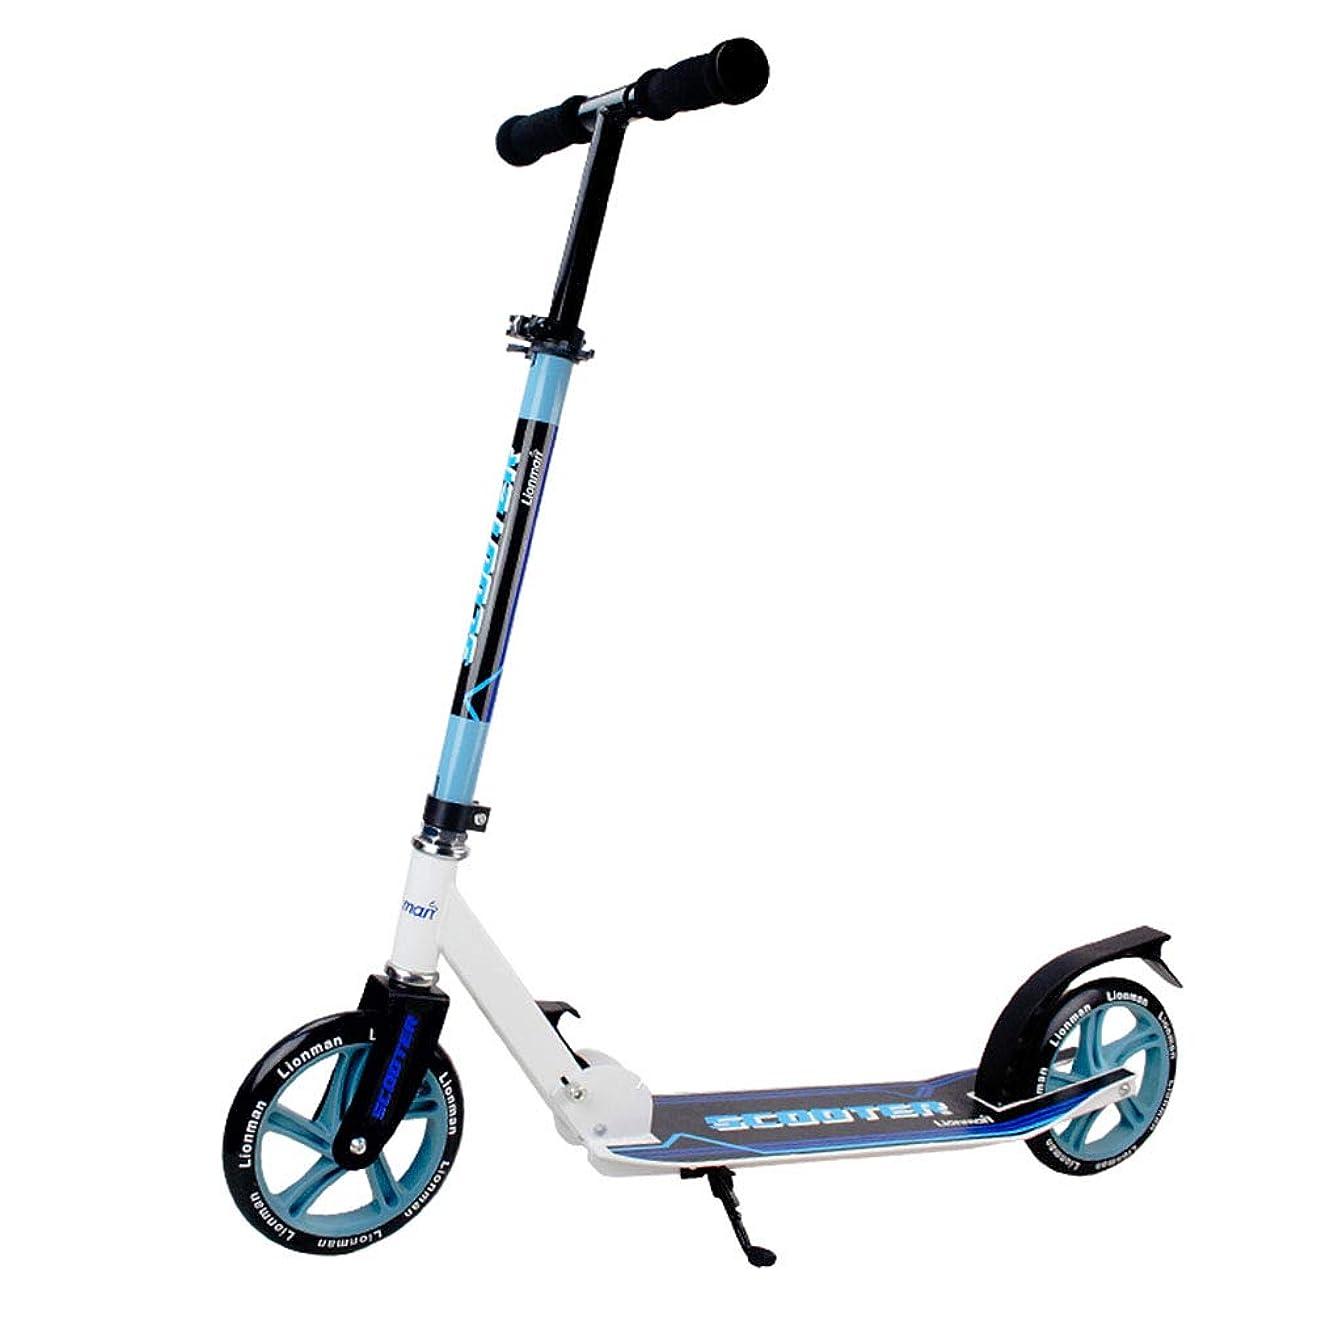 故意のマイナー公爵子ども用自転車 子供用屋外用キックスクーター 屋内用スクーター 成人用スクーター 男児用青少年自転車 3?15歳の就学前のスクーター (Color : Blue, Size : 96cm*13cm*103 cm)